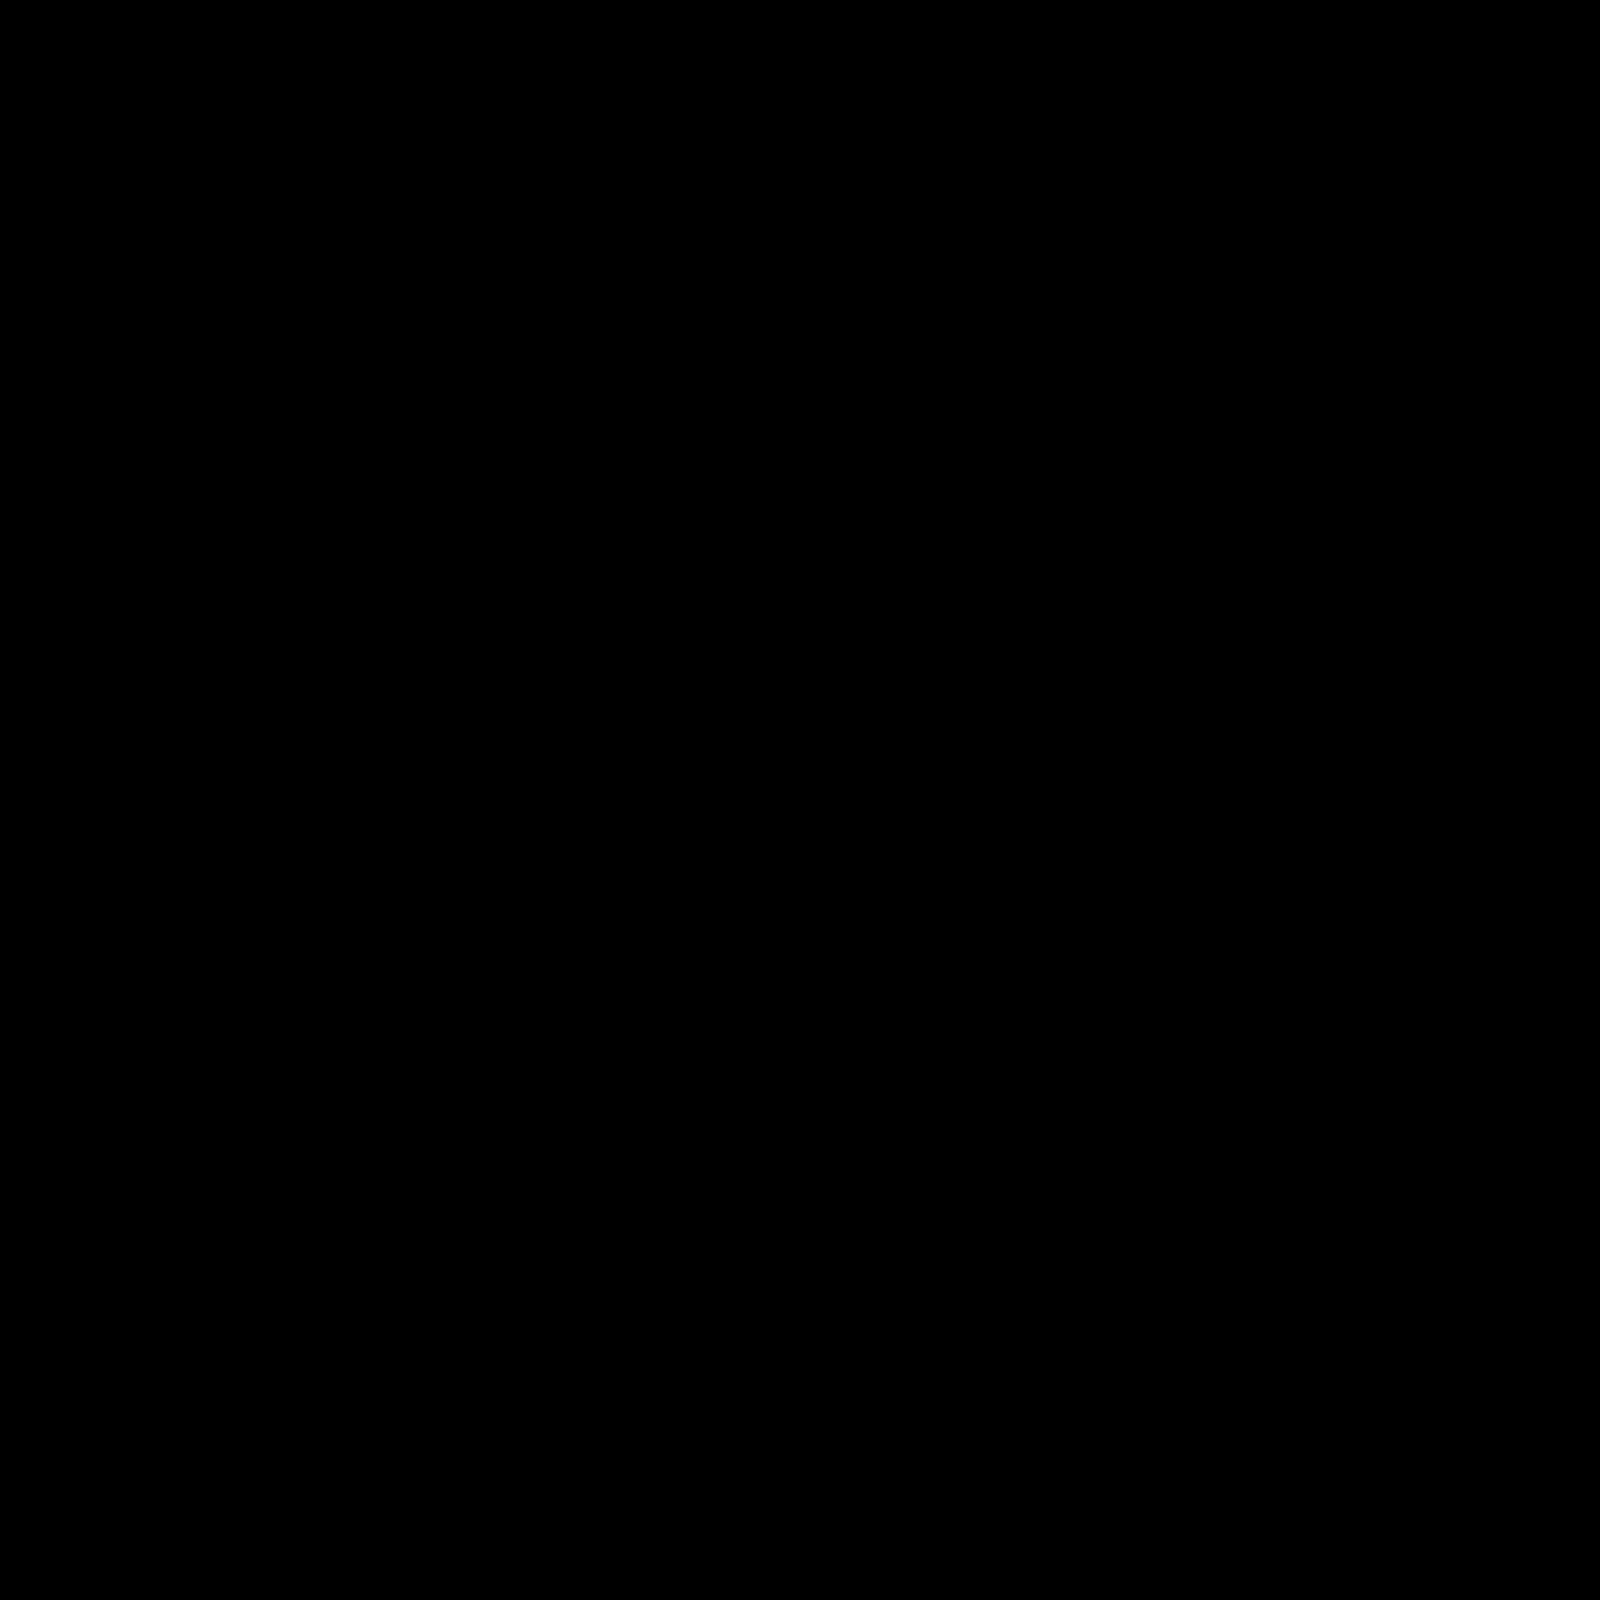 Lebenslauf Website Icon Kostenloser Download Png Und Vektorgrafik